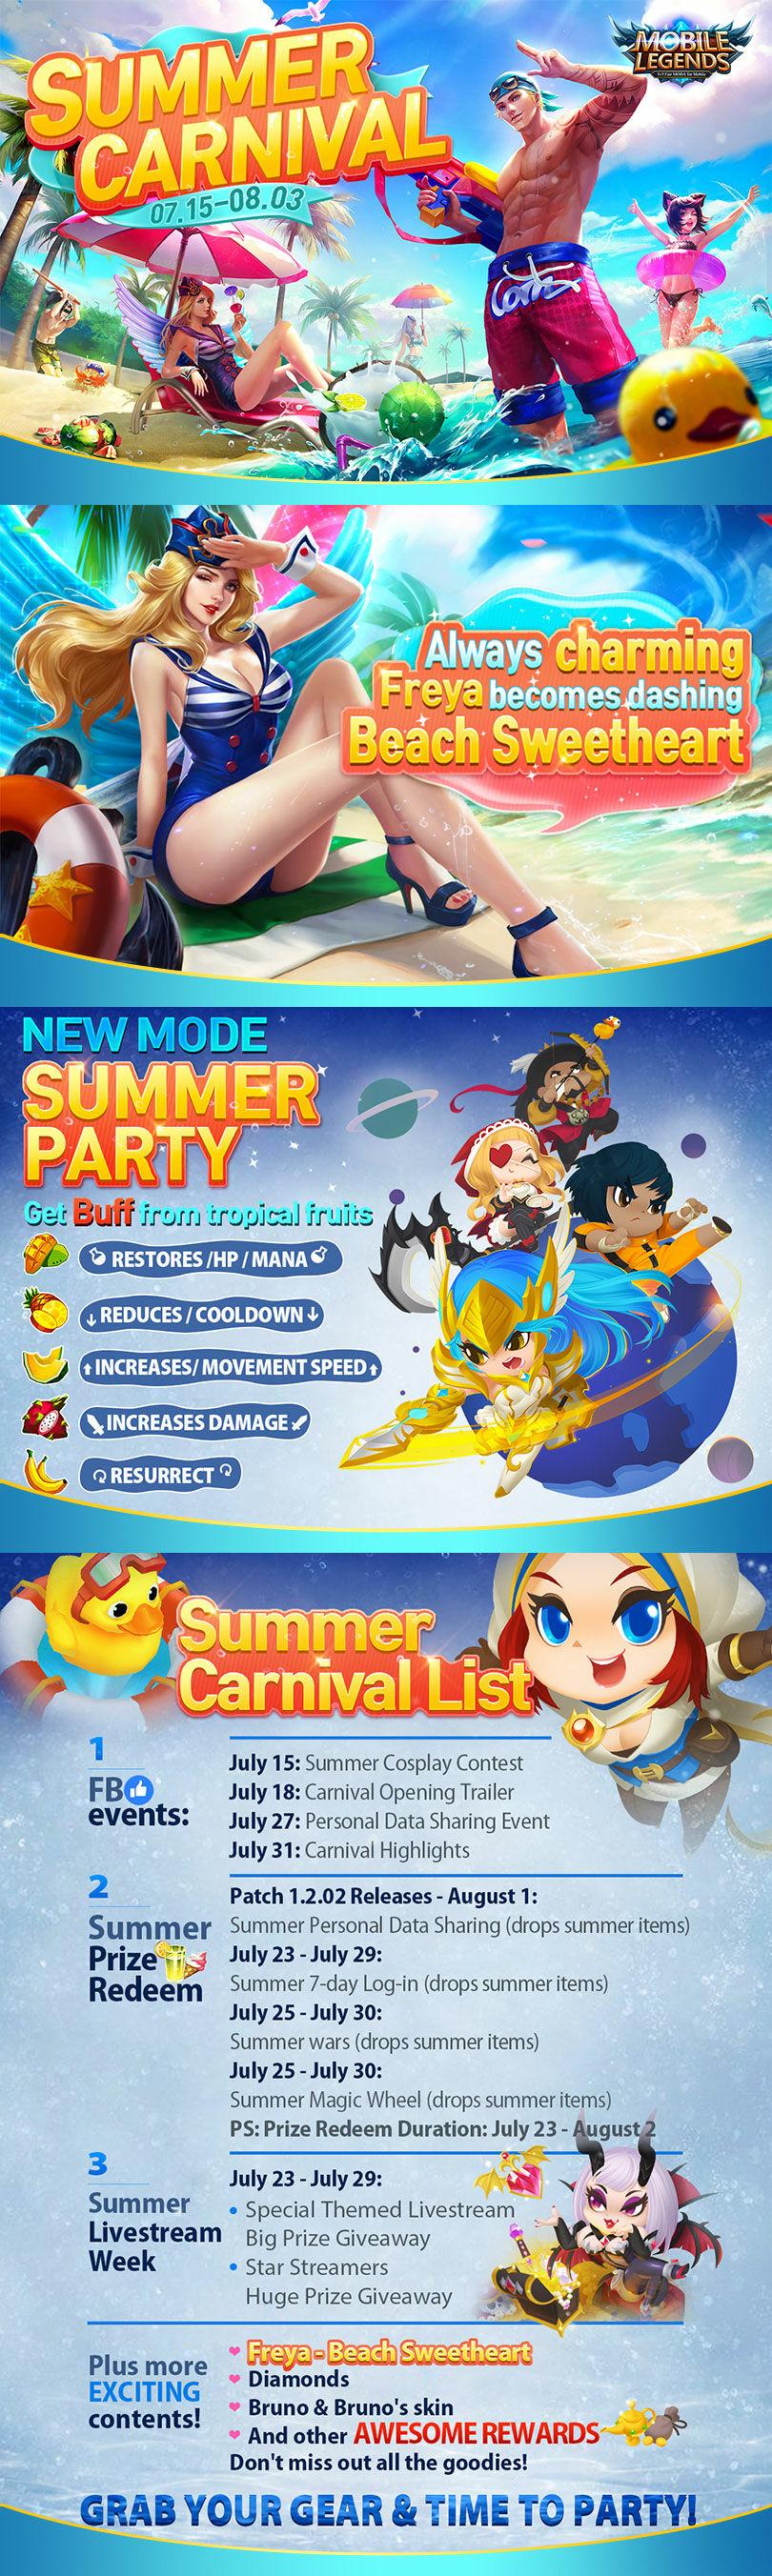 update-mobile-legends-summer-carnival-1